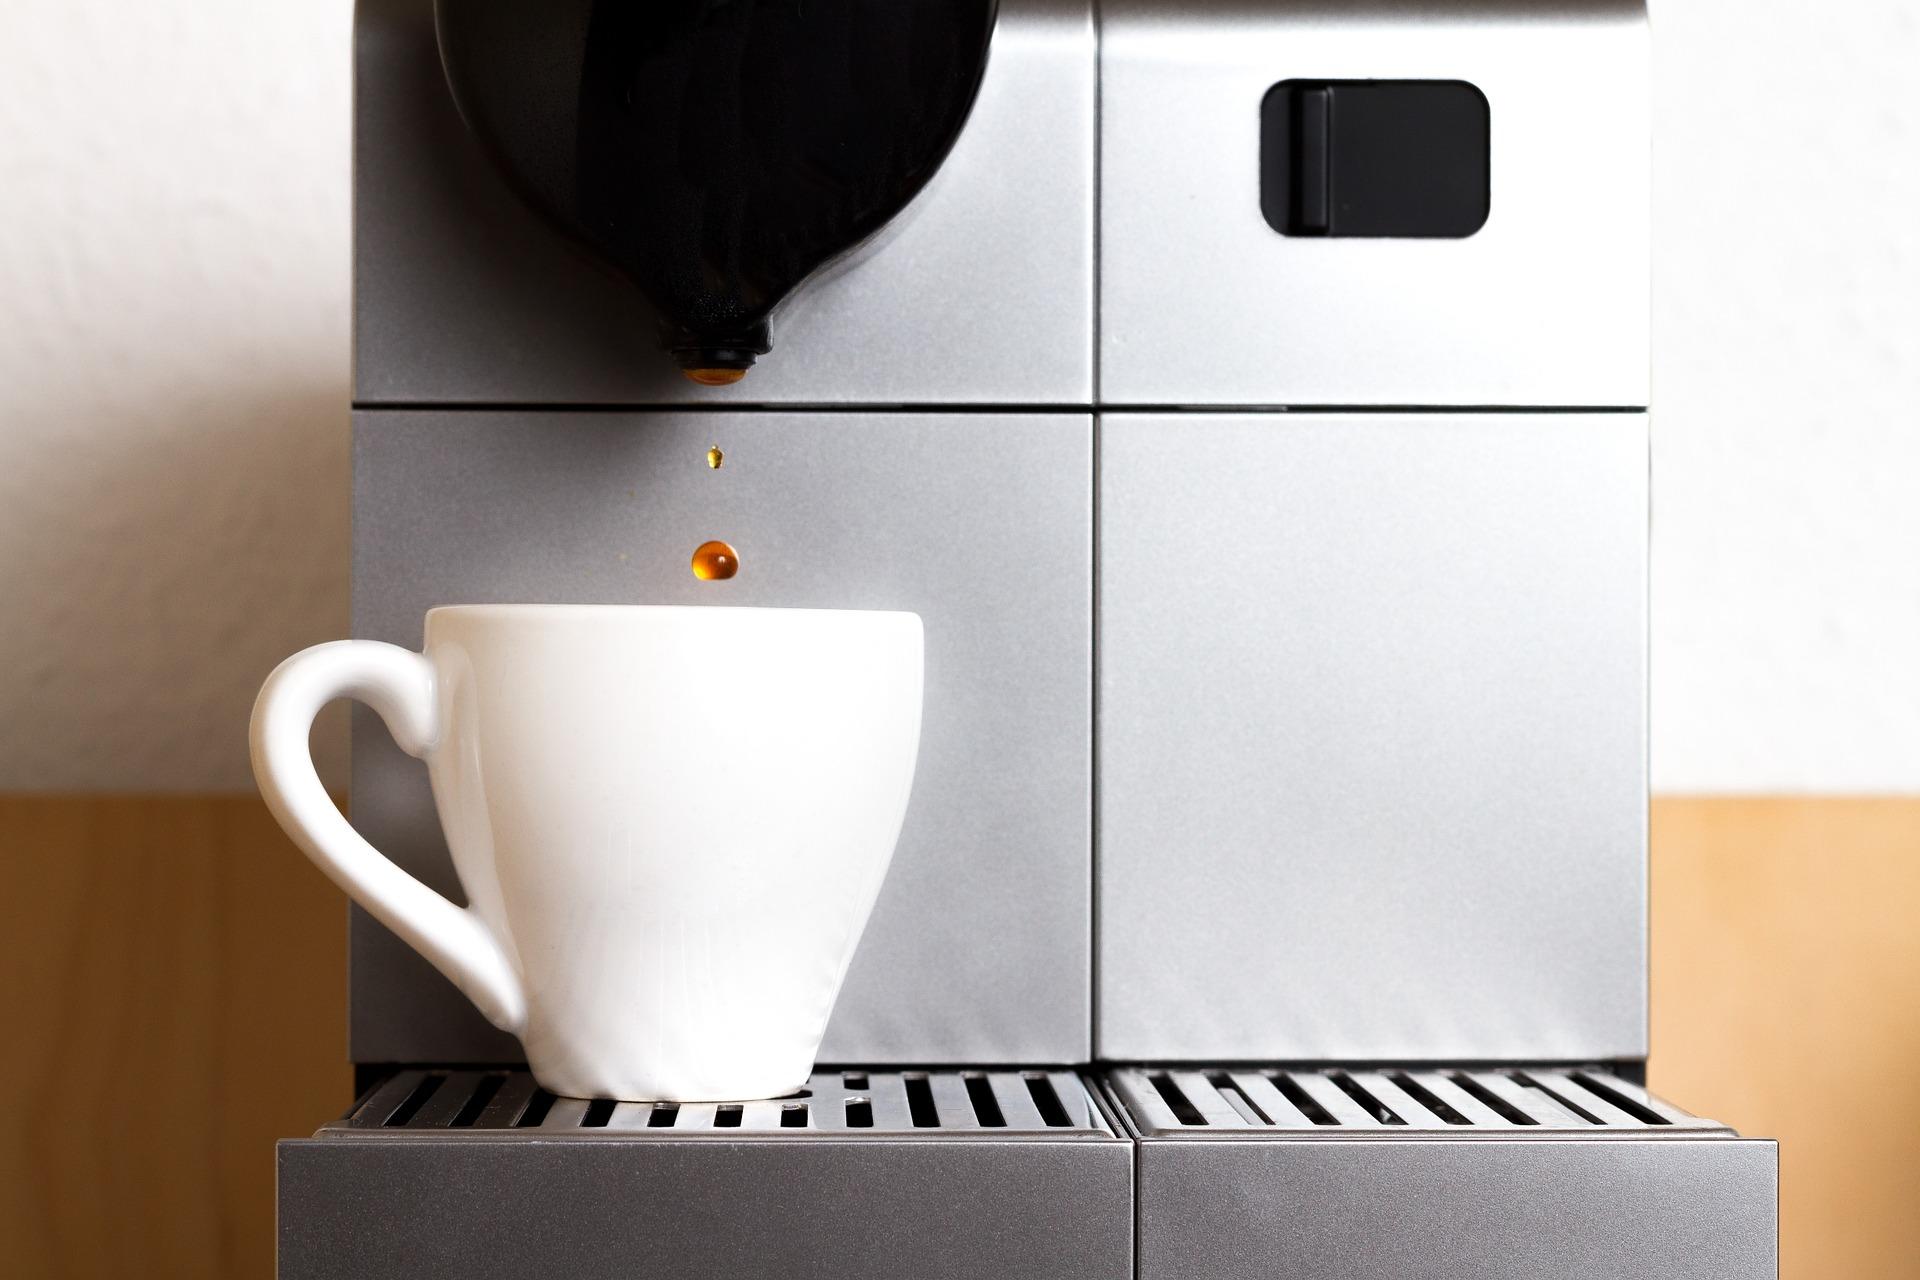 Máquina de fazer café com xícara.